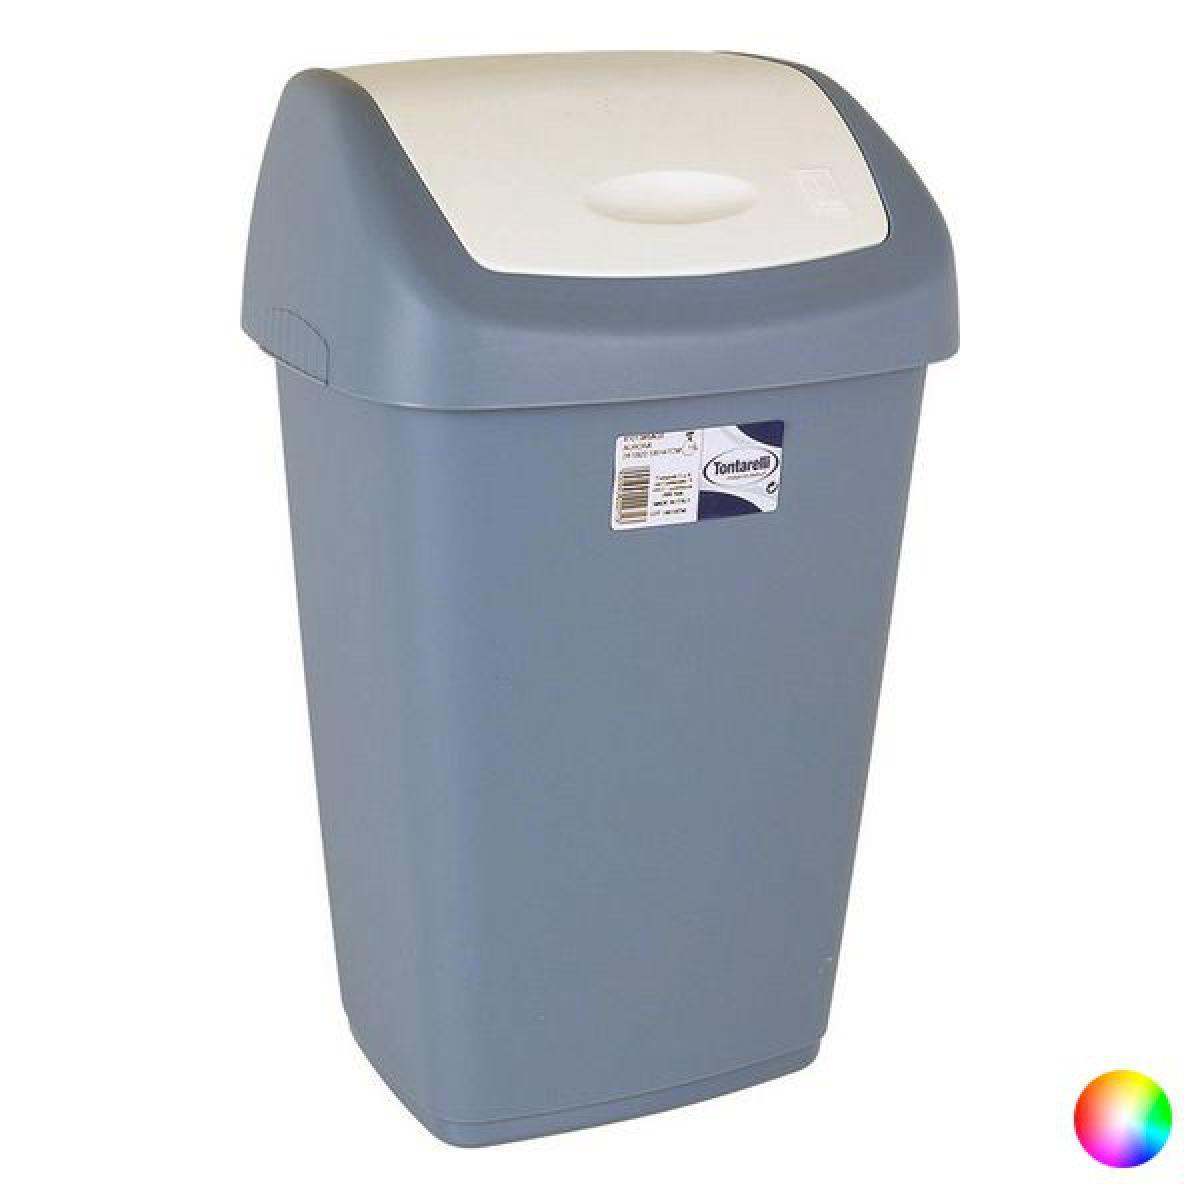 Totalcadeau Poubelle à papier 28,5 x 22,5 x 47 cm 15L Couleur - Blanc/Bleu